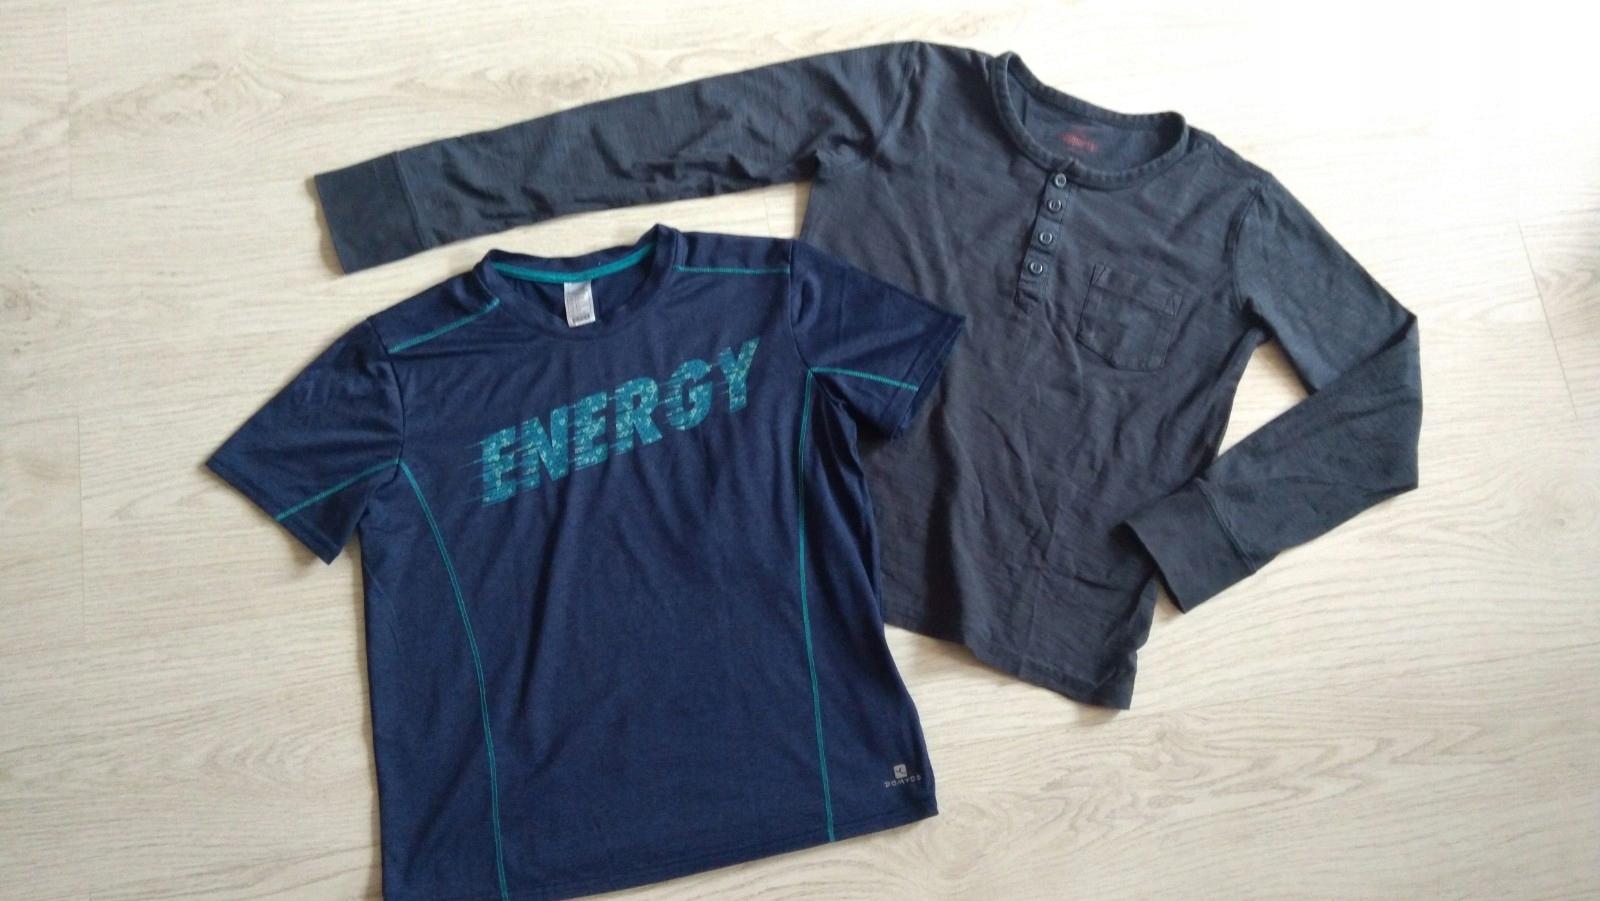 Zestaw ubrań chłopiec 152-164 cm 4 szt. jeansy